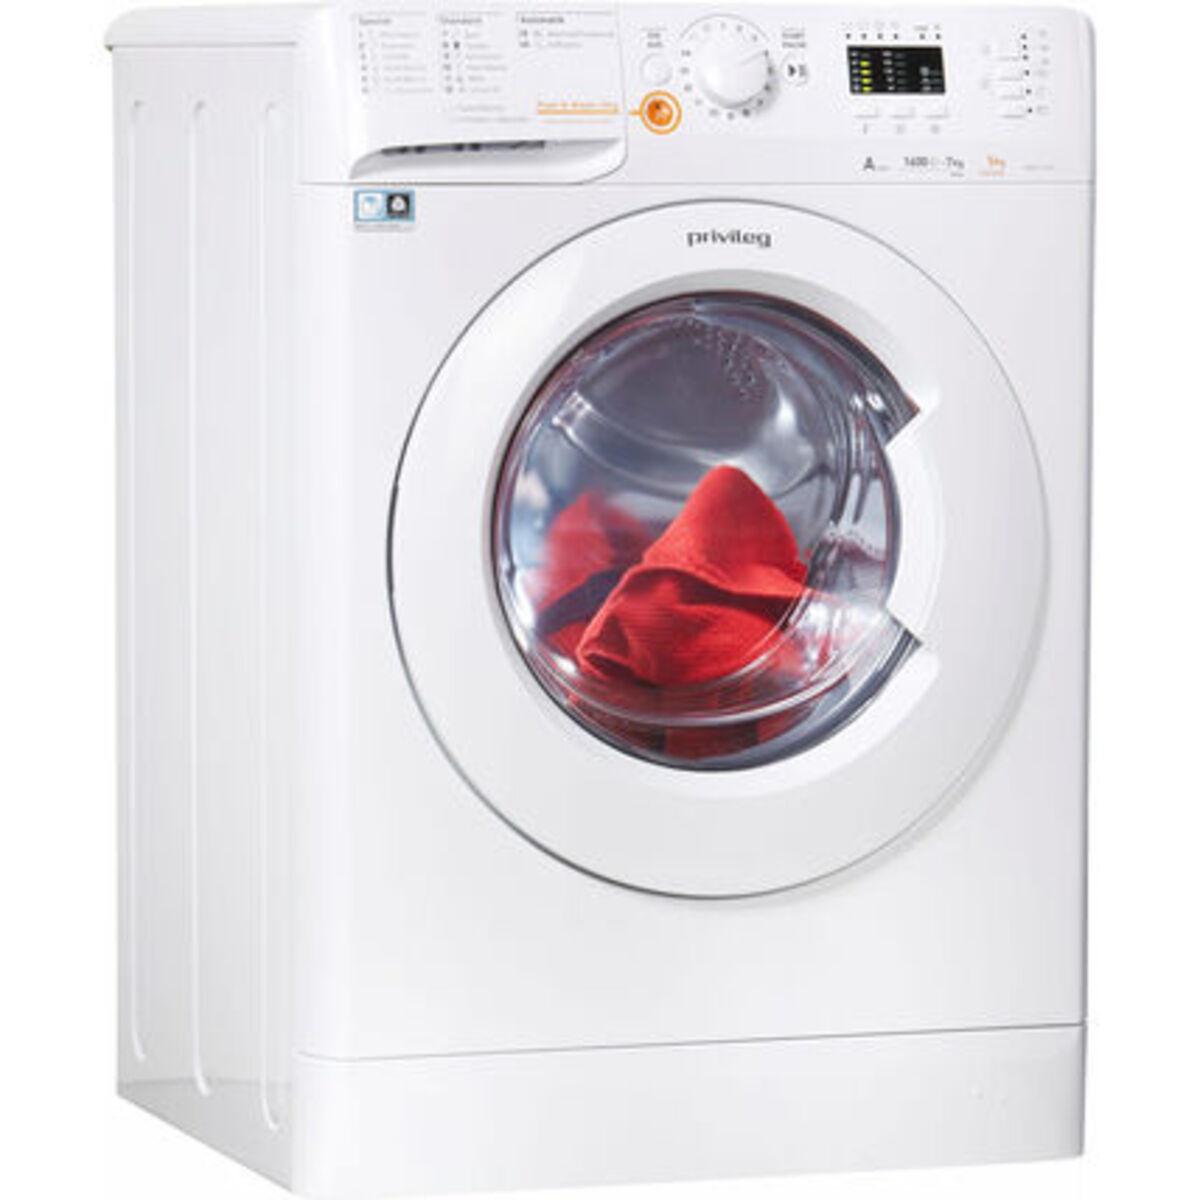 Bild 3 von Privileg PWWT X 75L6DE Waschtrockner, A, weiß